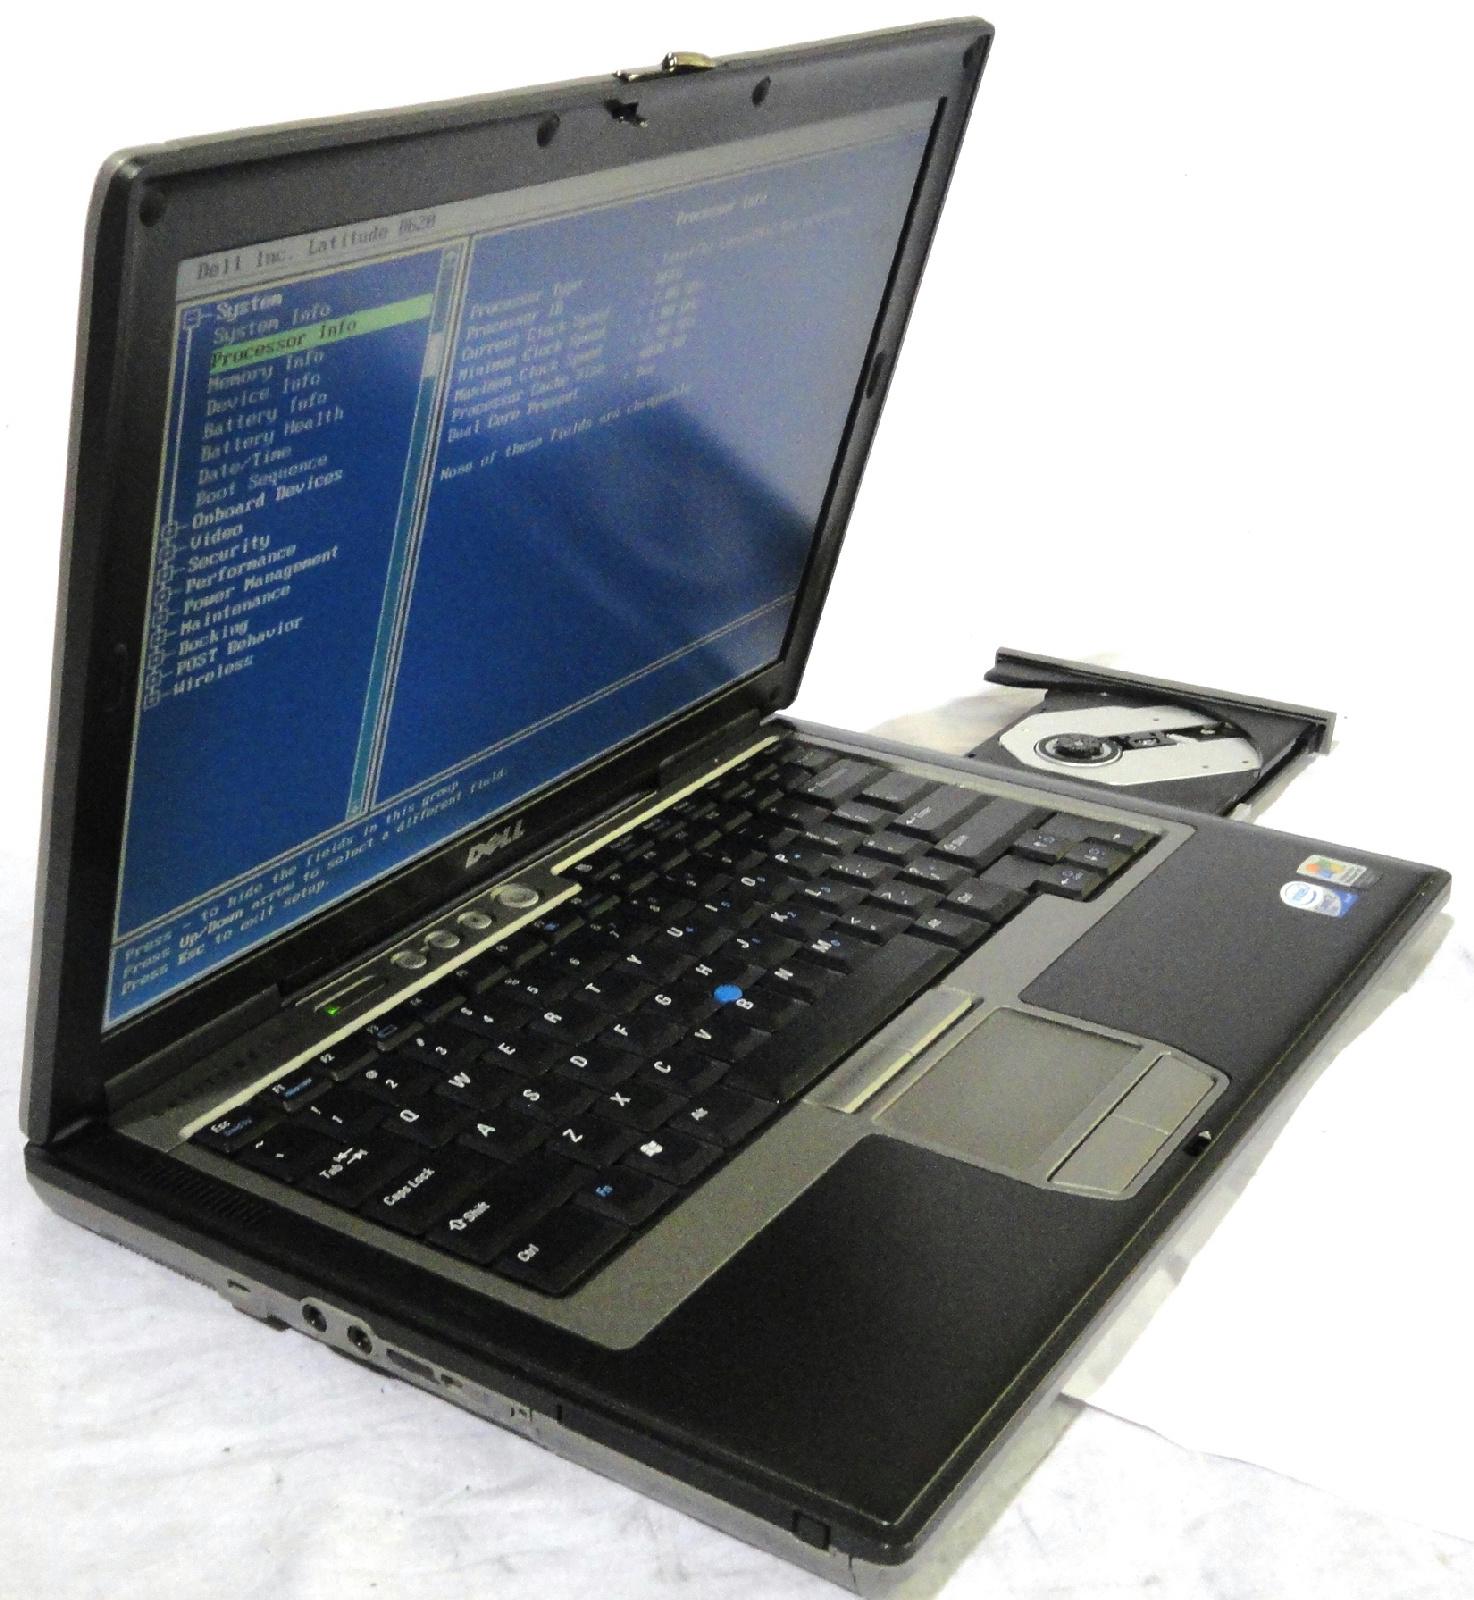 Dell Latitude E6410 Laptop 2 40GHz Core i5 4GB PC3 8500 DDR2 Ethernet VGA | eBay